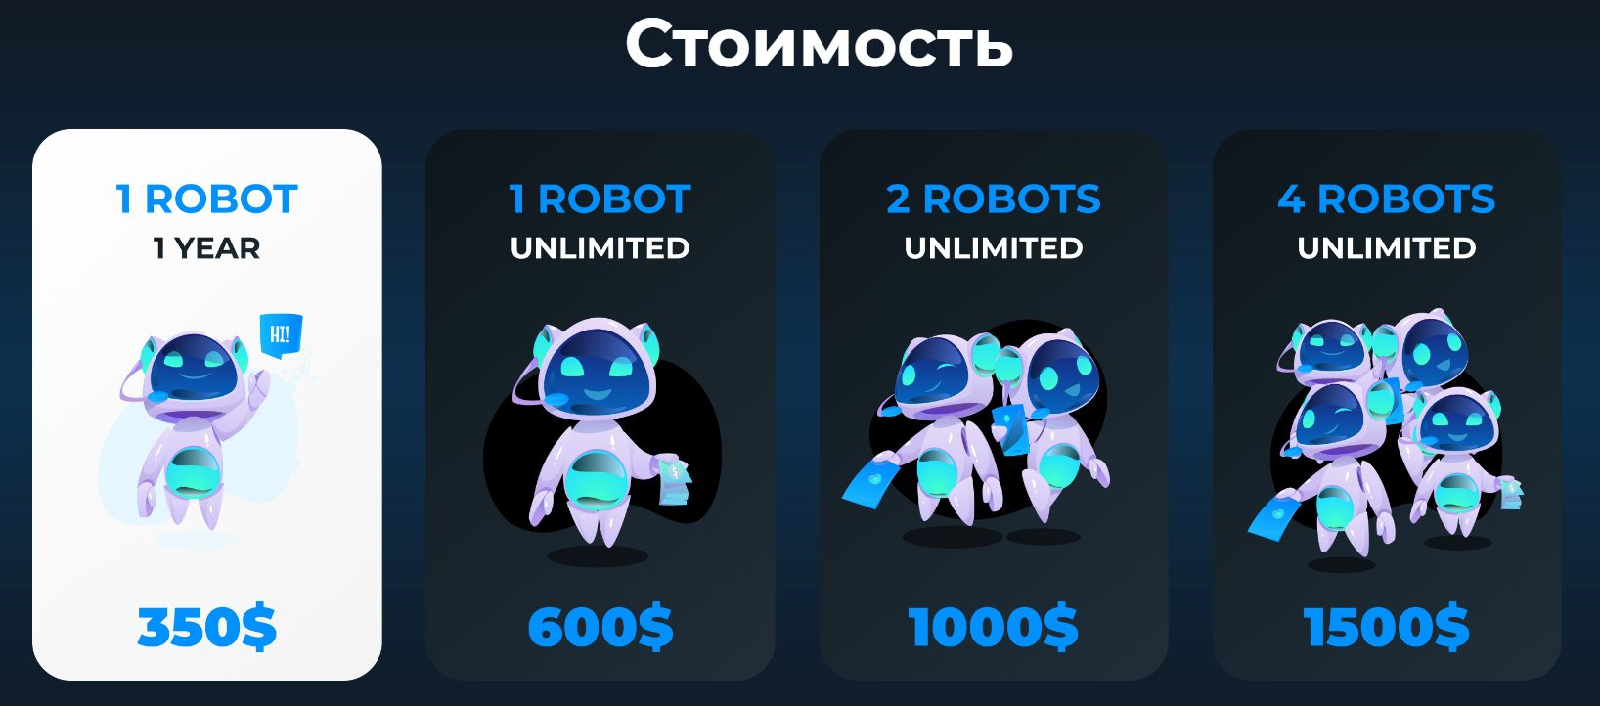 Стоимость робота Trade Capital